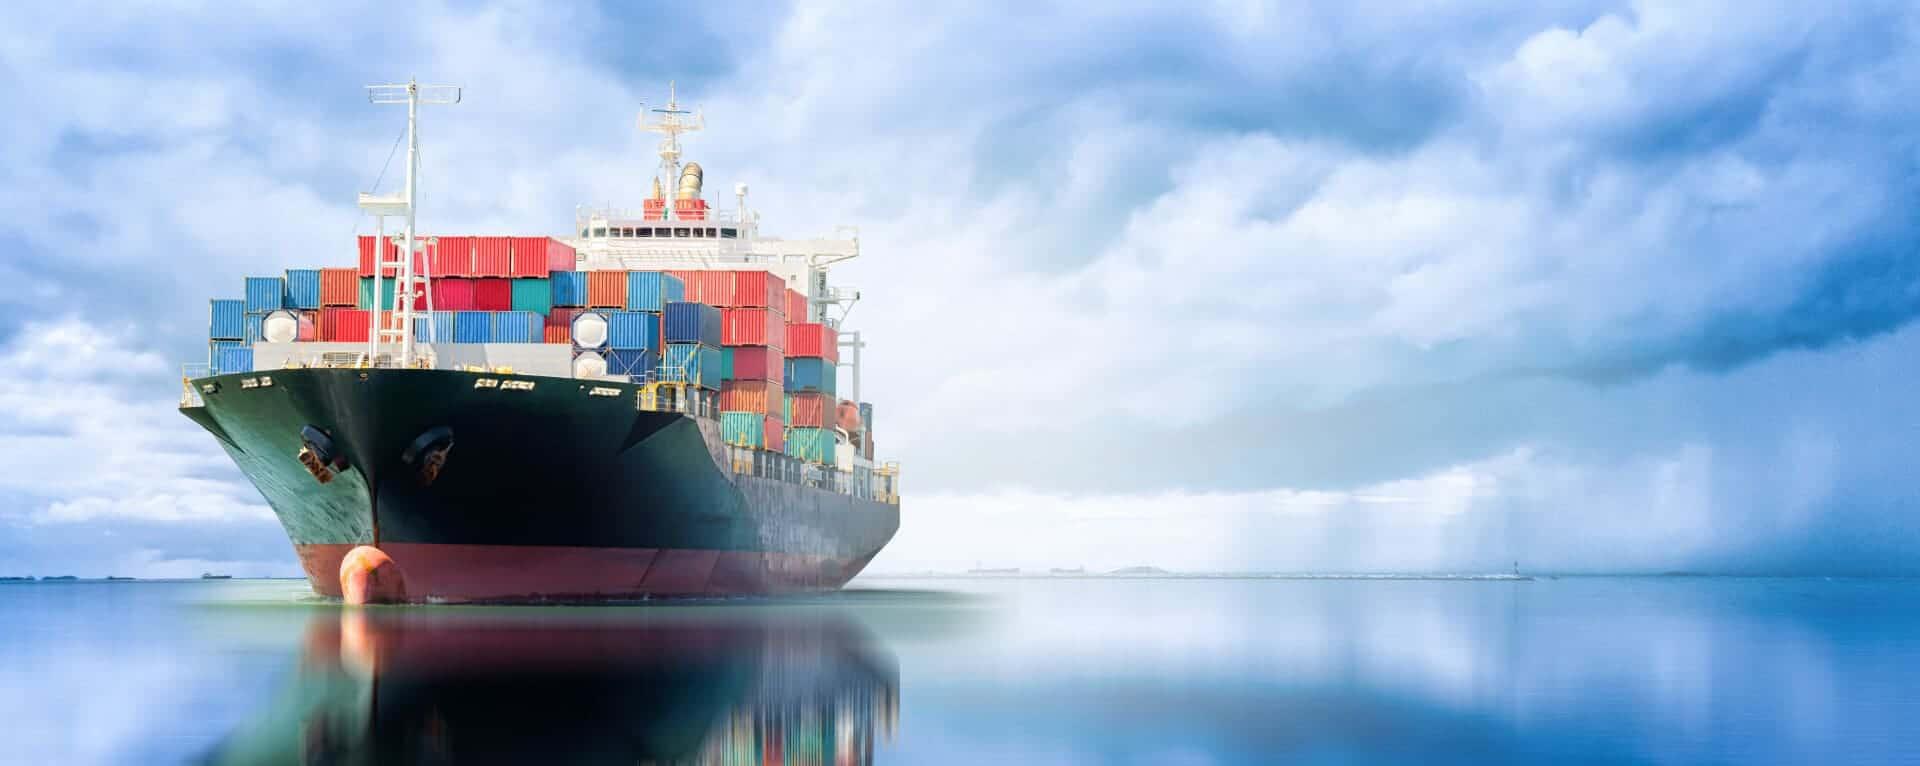 Containertransport mit einem Schiff